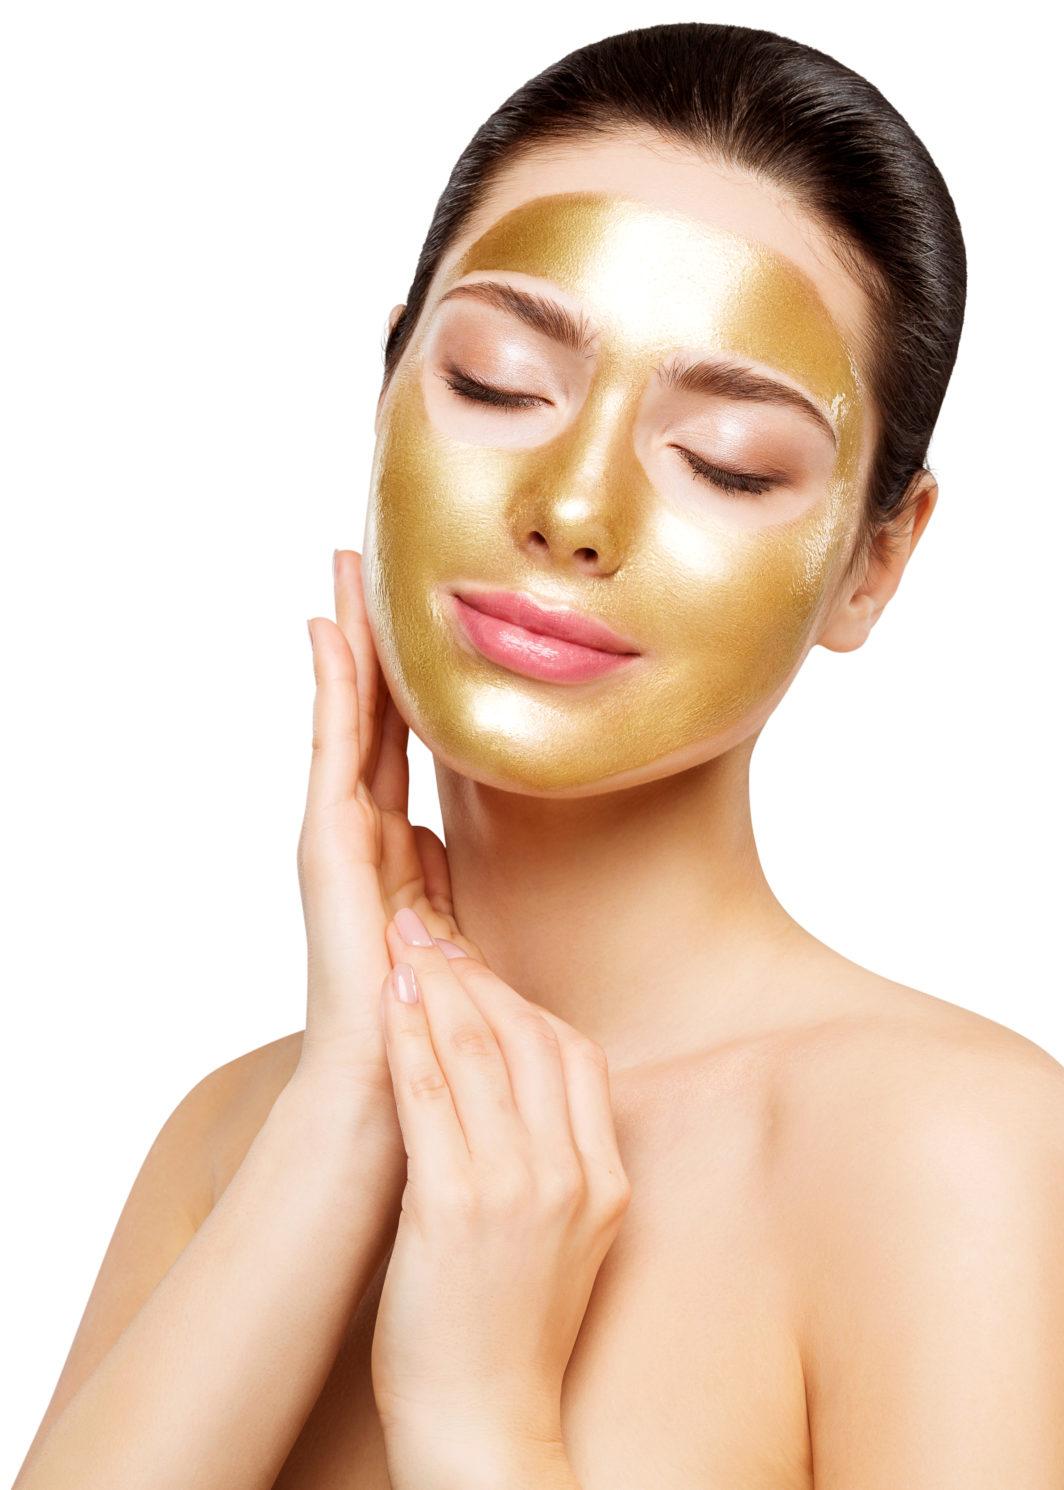 LA GRANDE klassische Gesichtspflege mit Massage & Brauenkorrektur